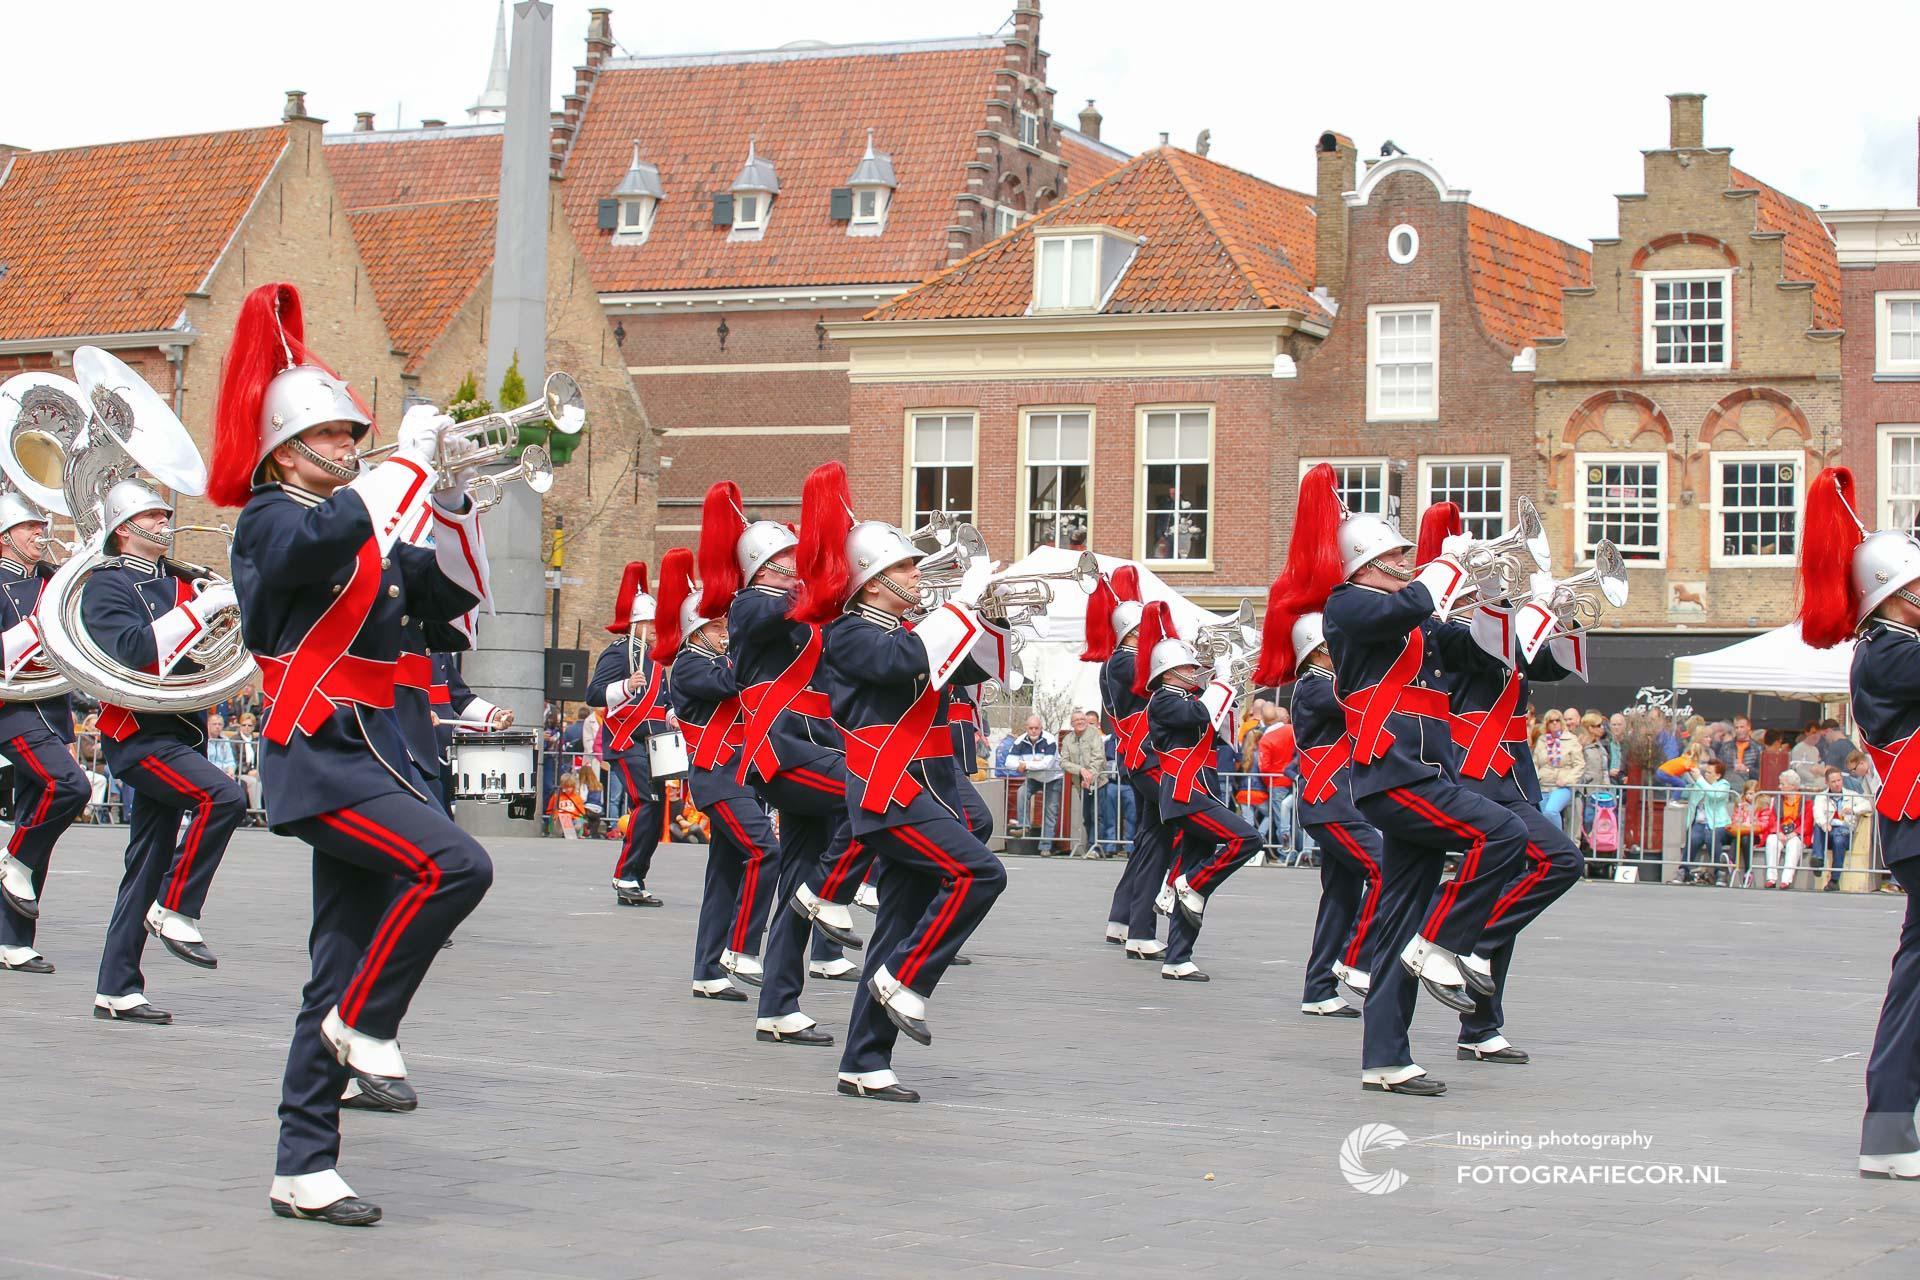 KTK | Showband | Kampen | fotograaf | fotografie © Fotografiecor.nl